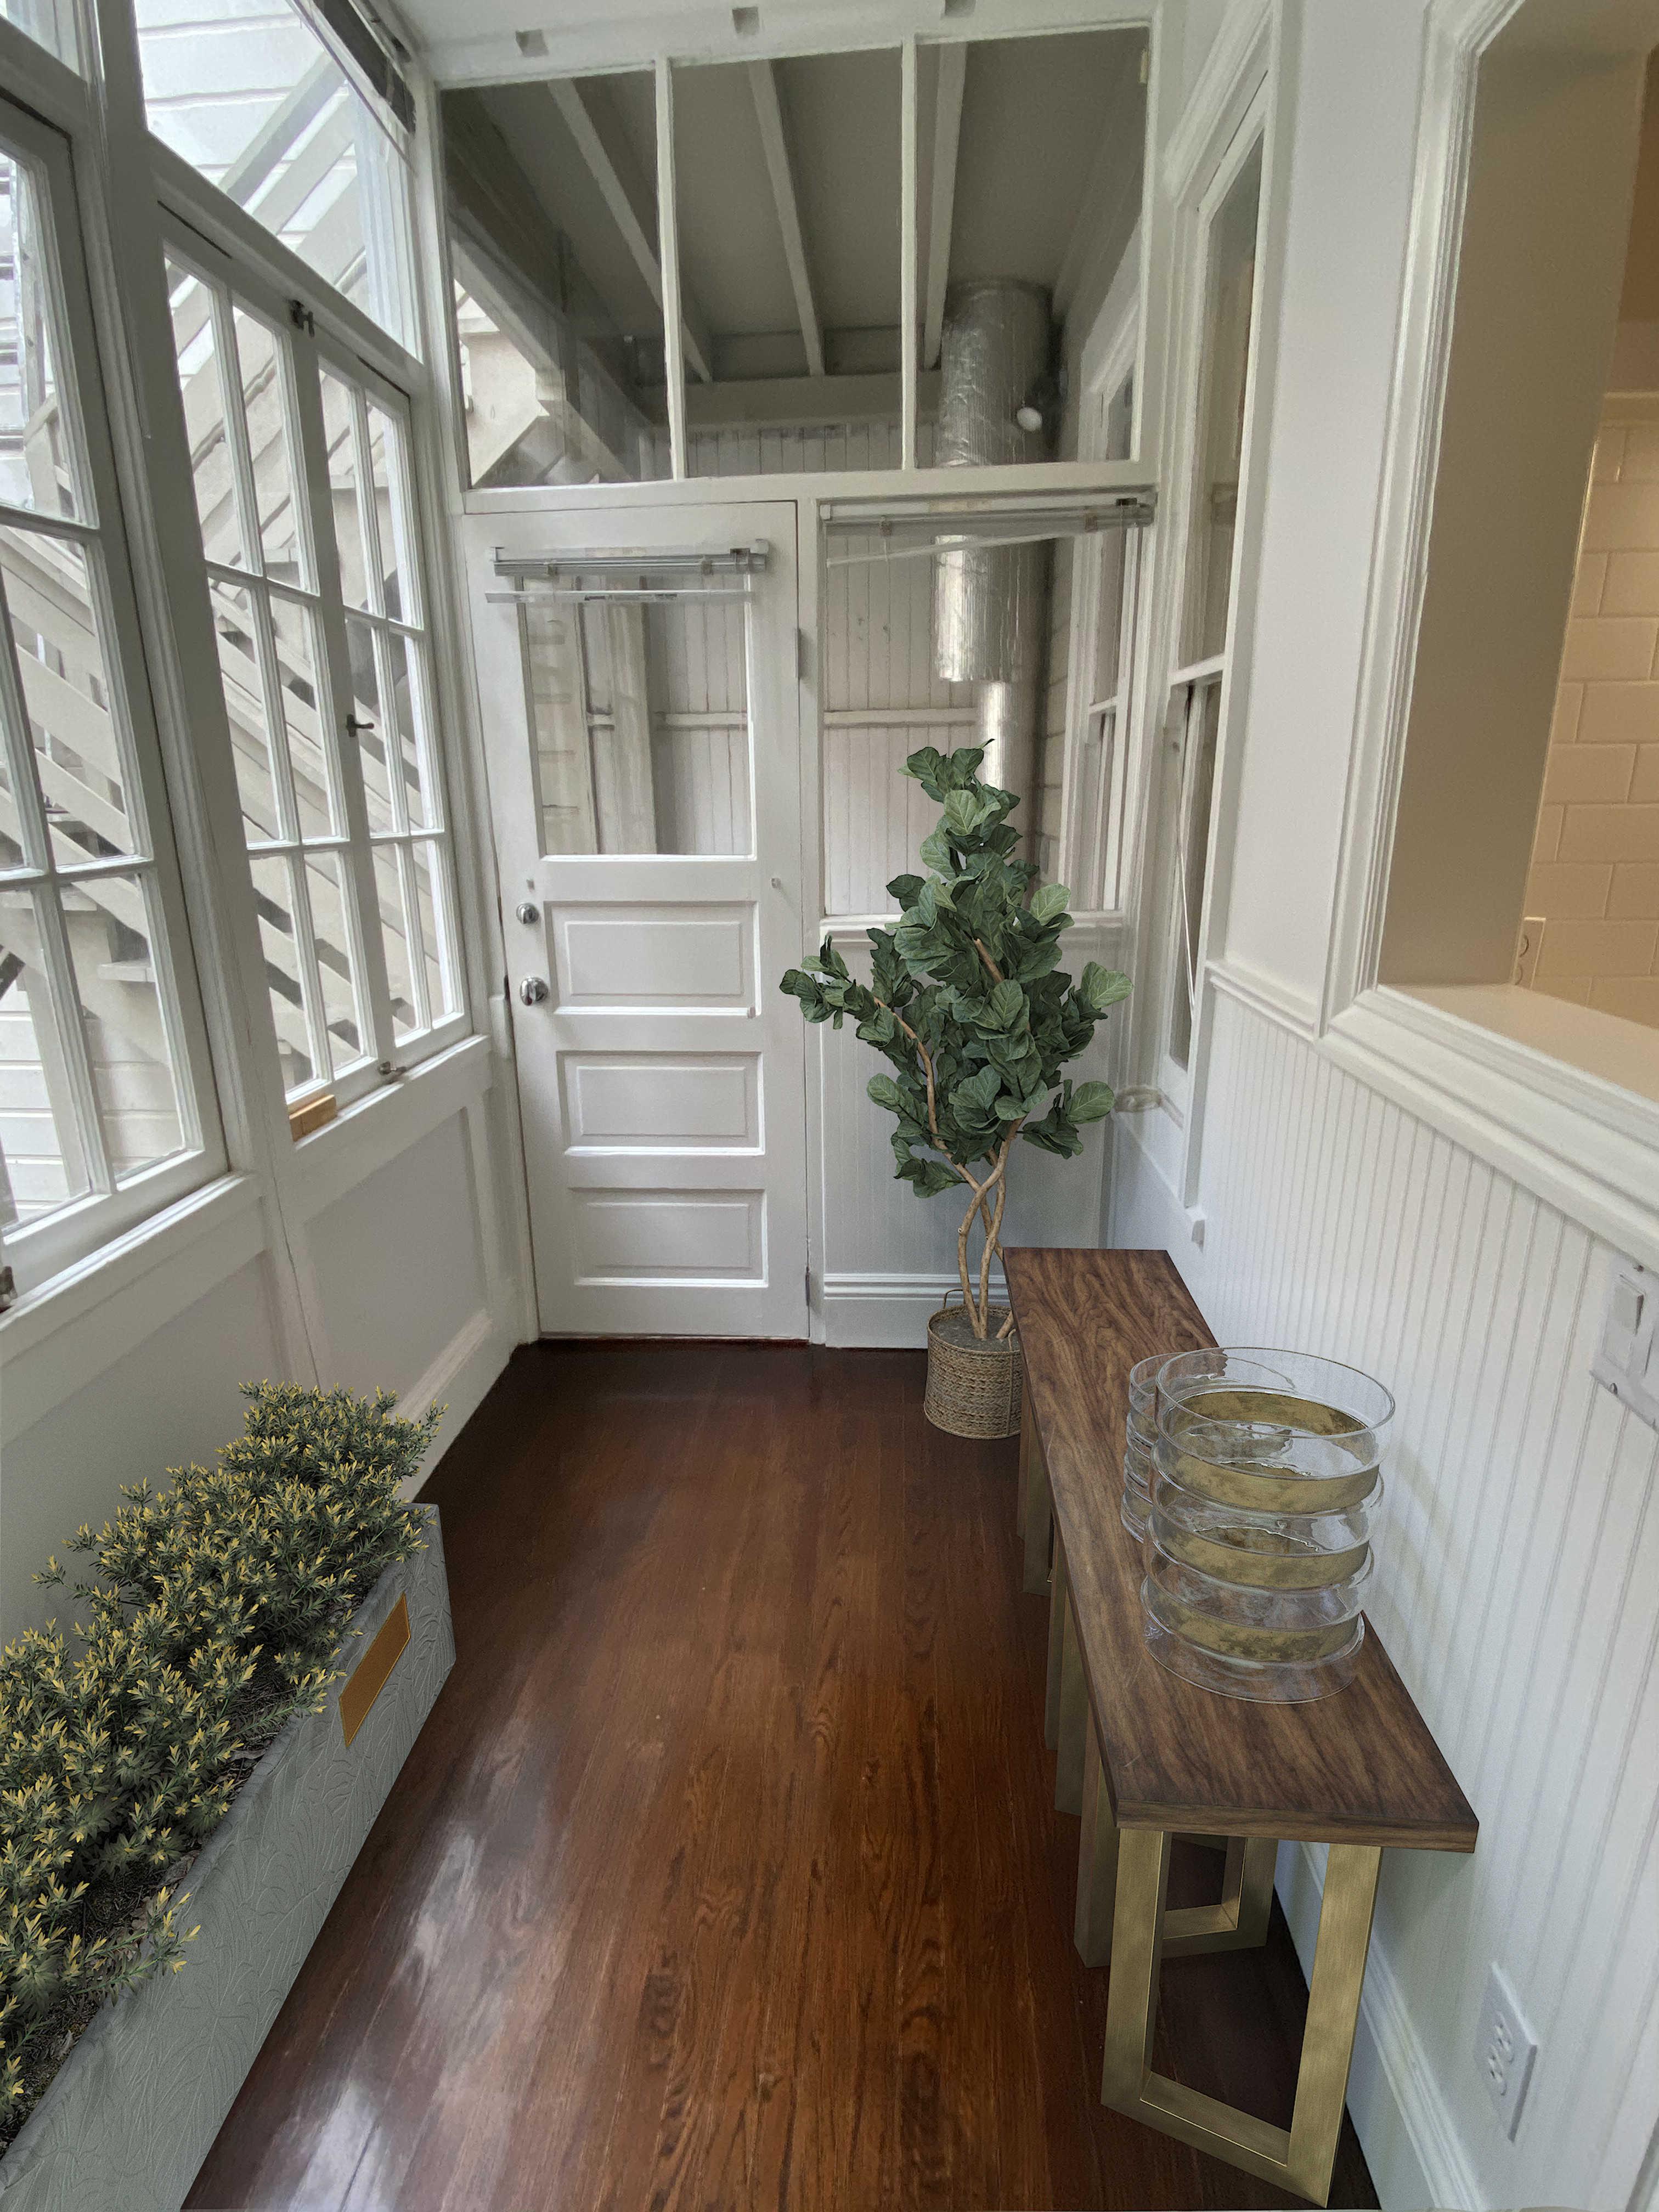 1854 Stockton Street, San Francisco, CA, 94133 - 9